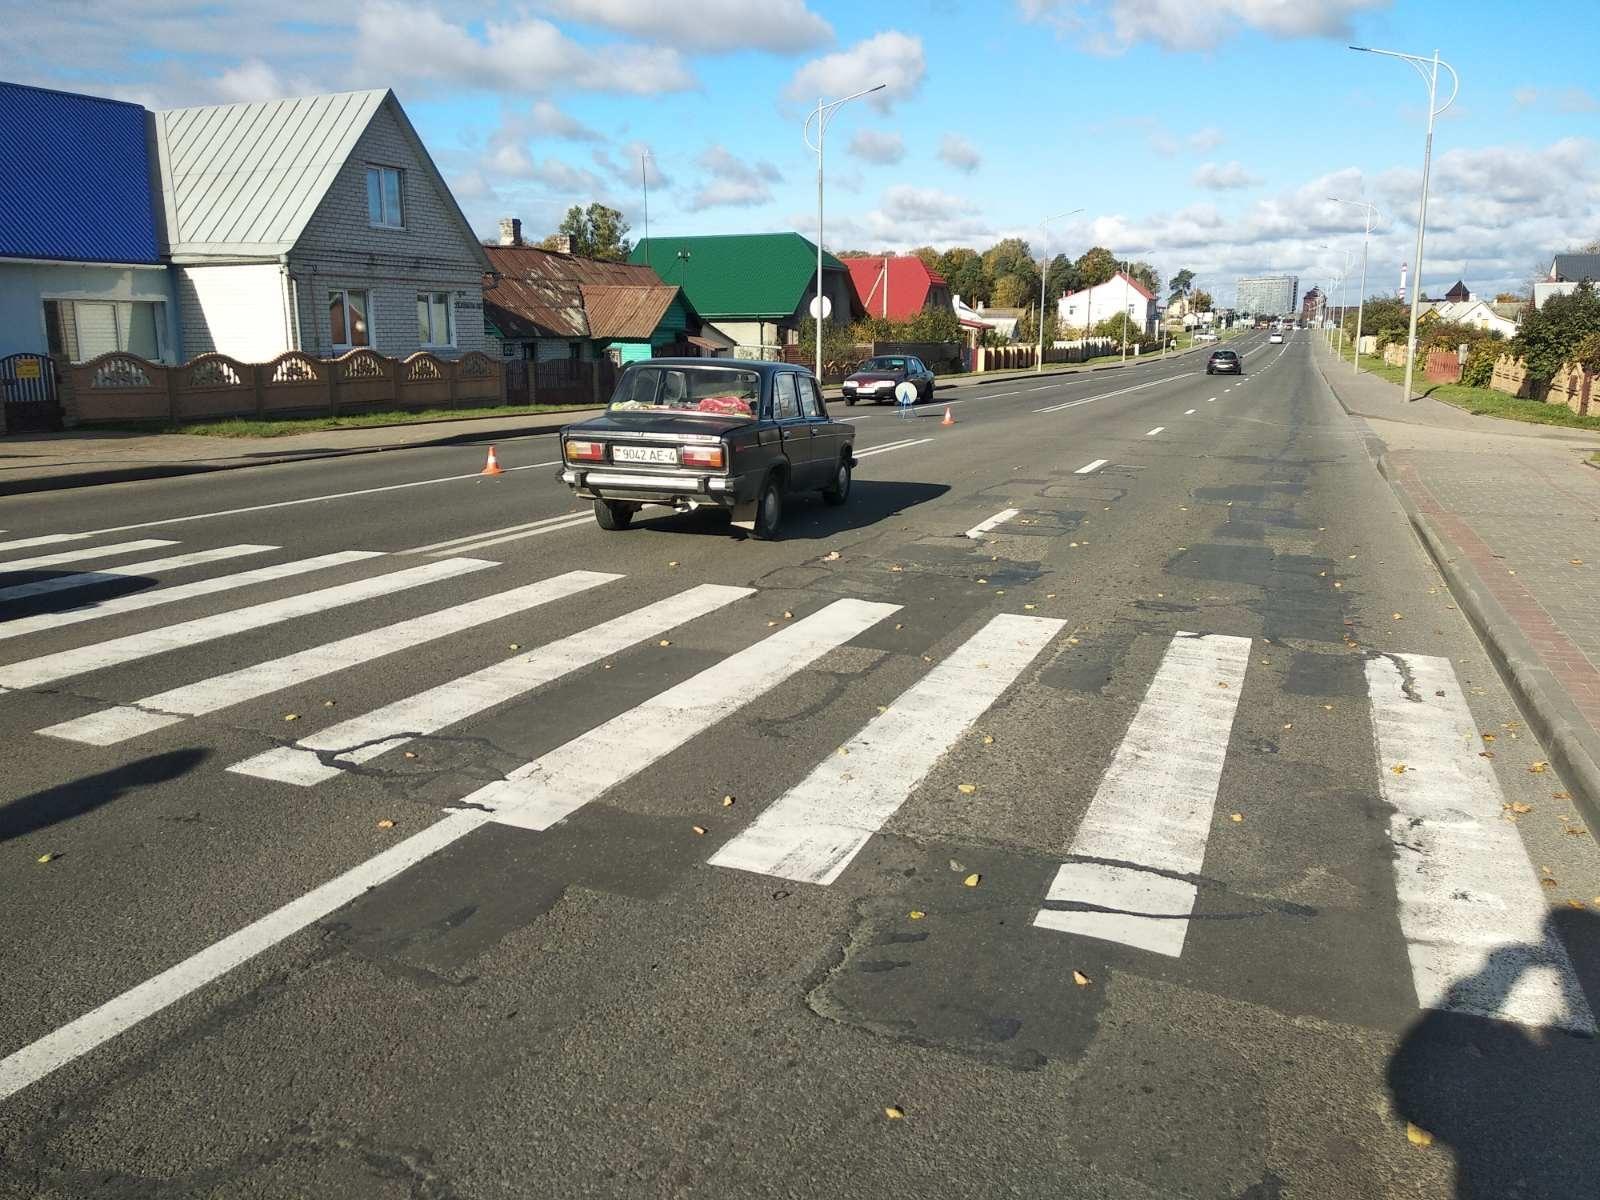 ДТП с участием пешехода произошло в субботу в Лиде.